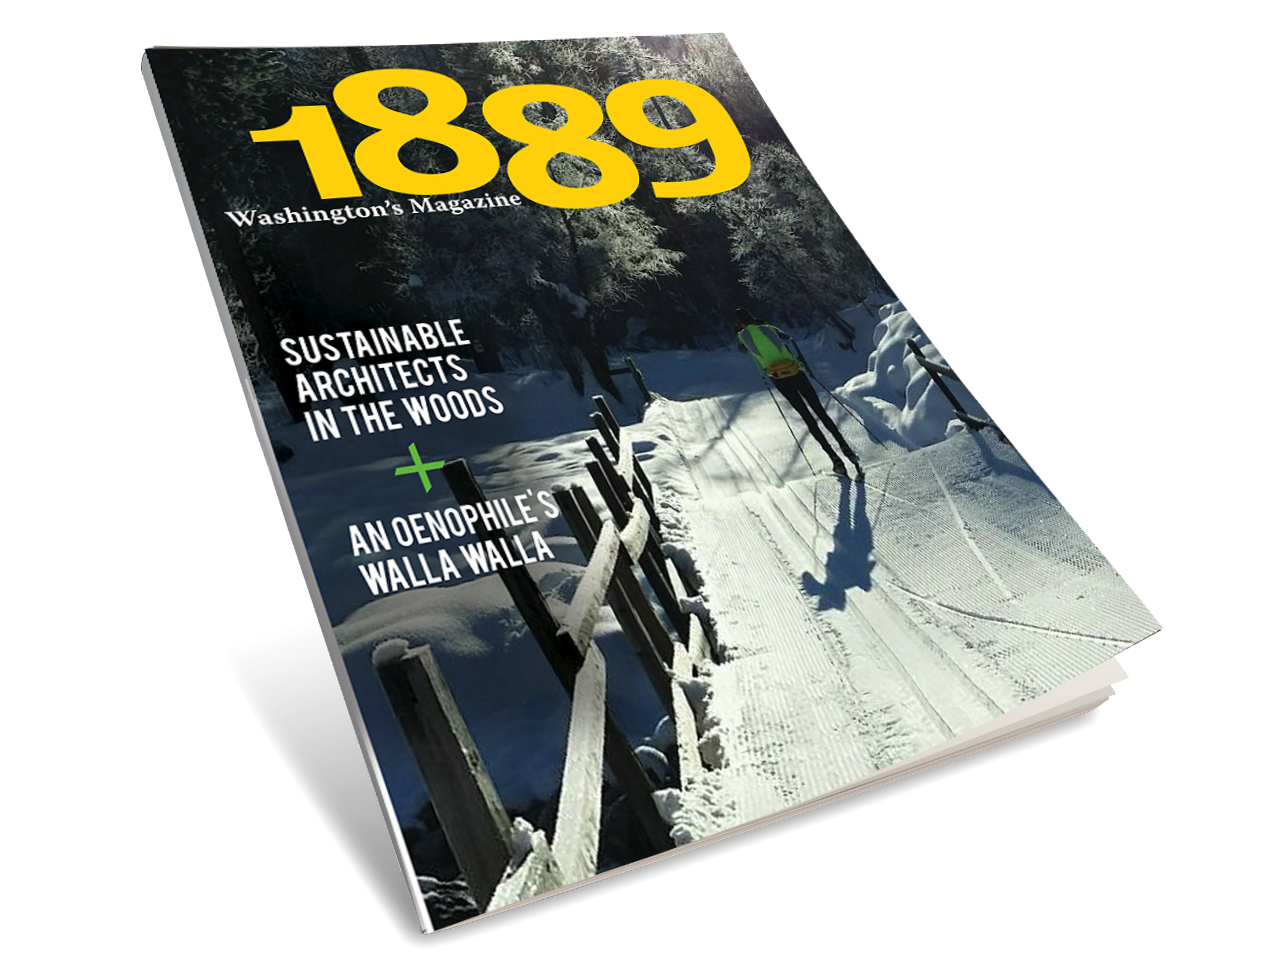 1889 Washington's Magazine